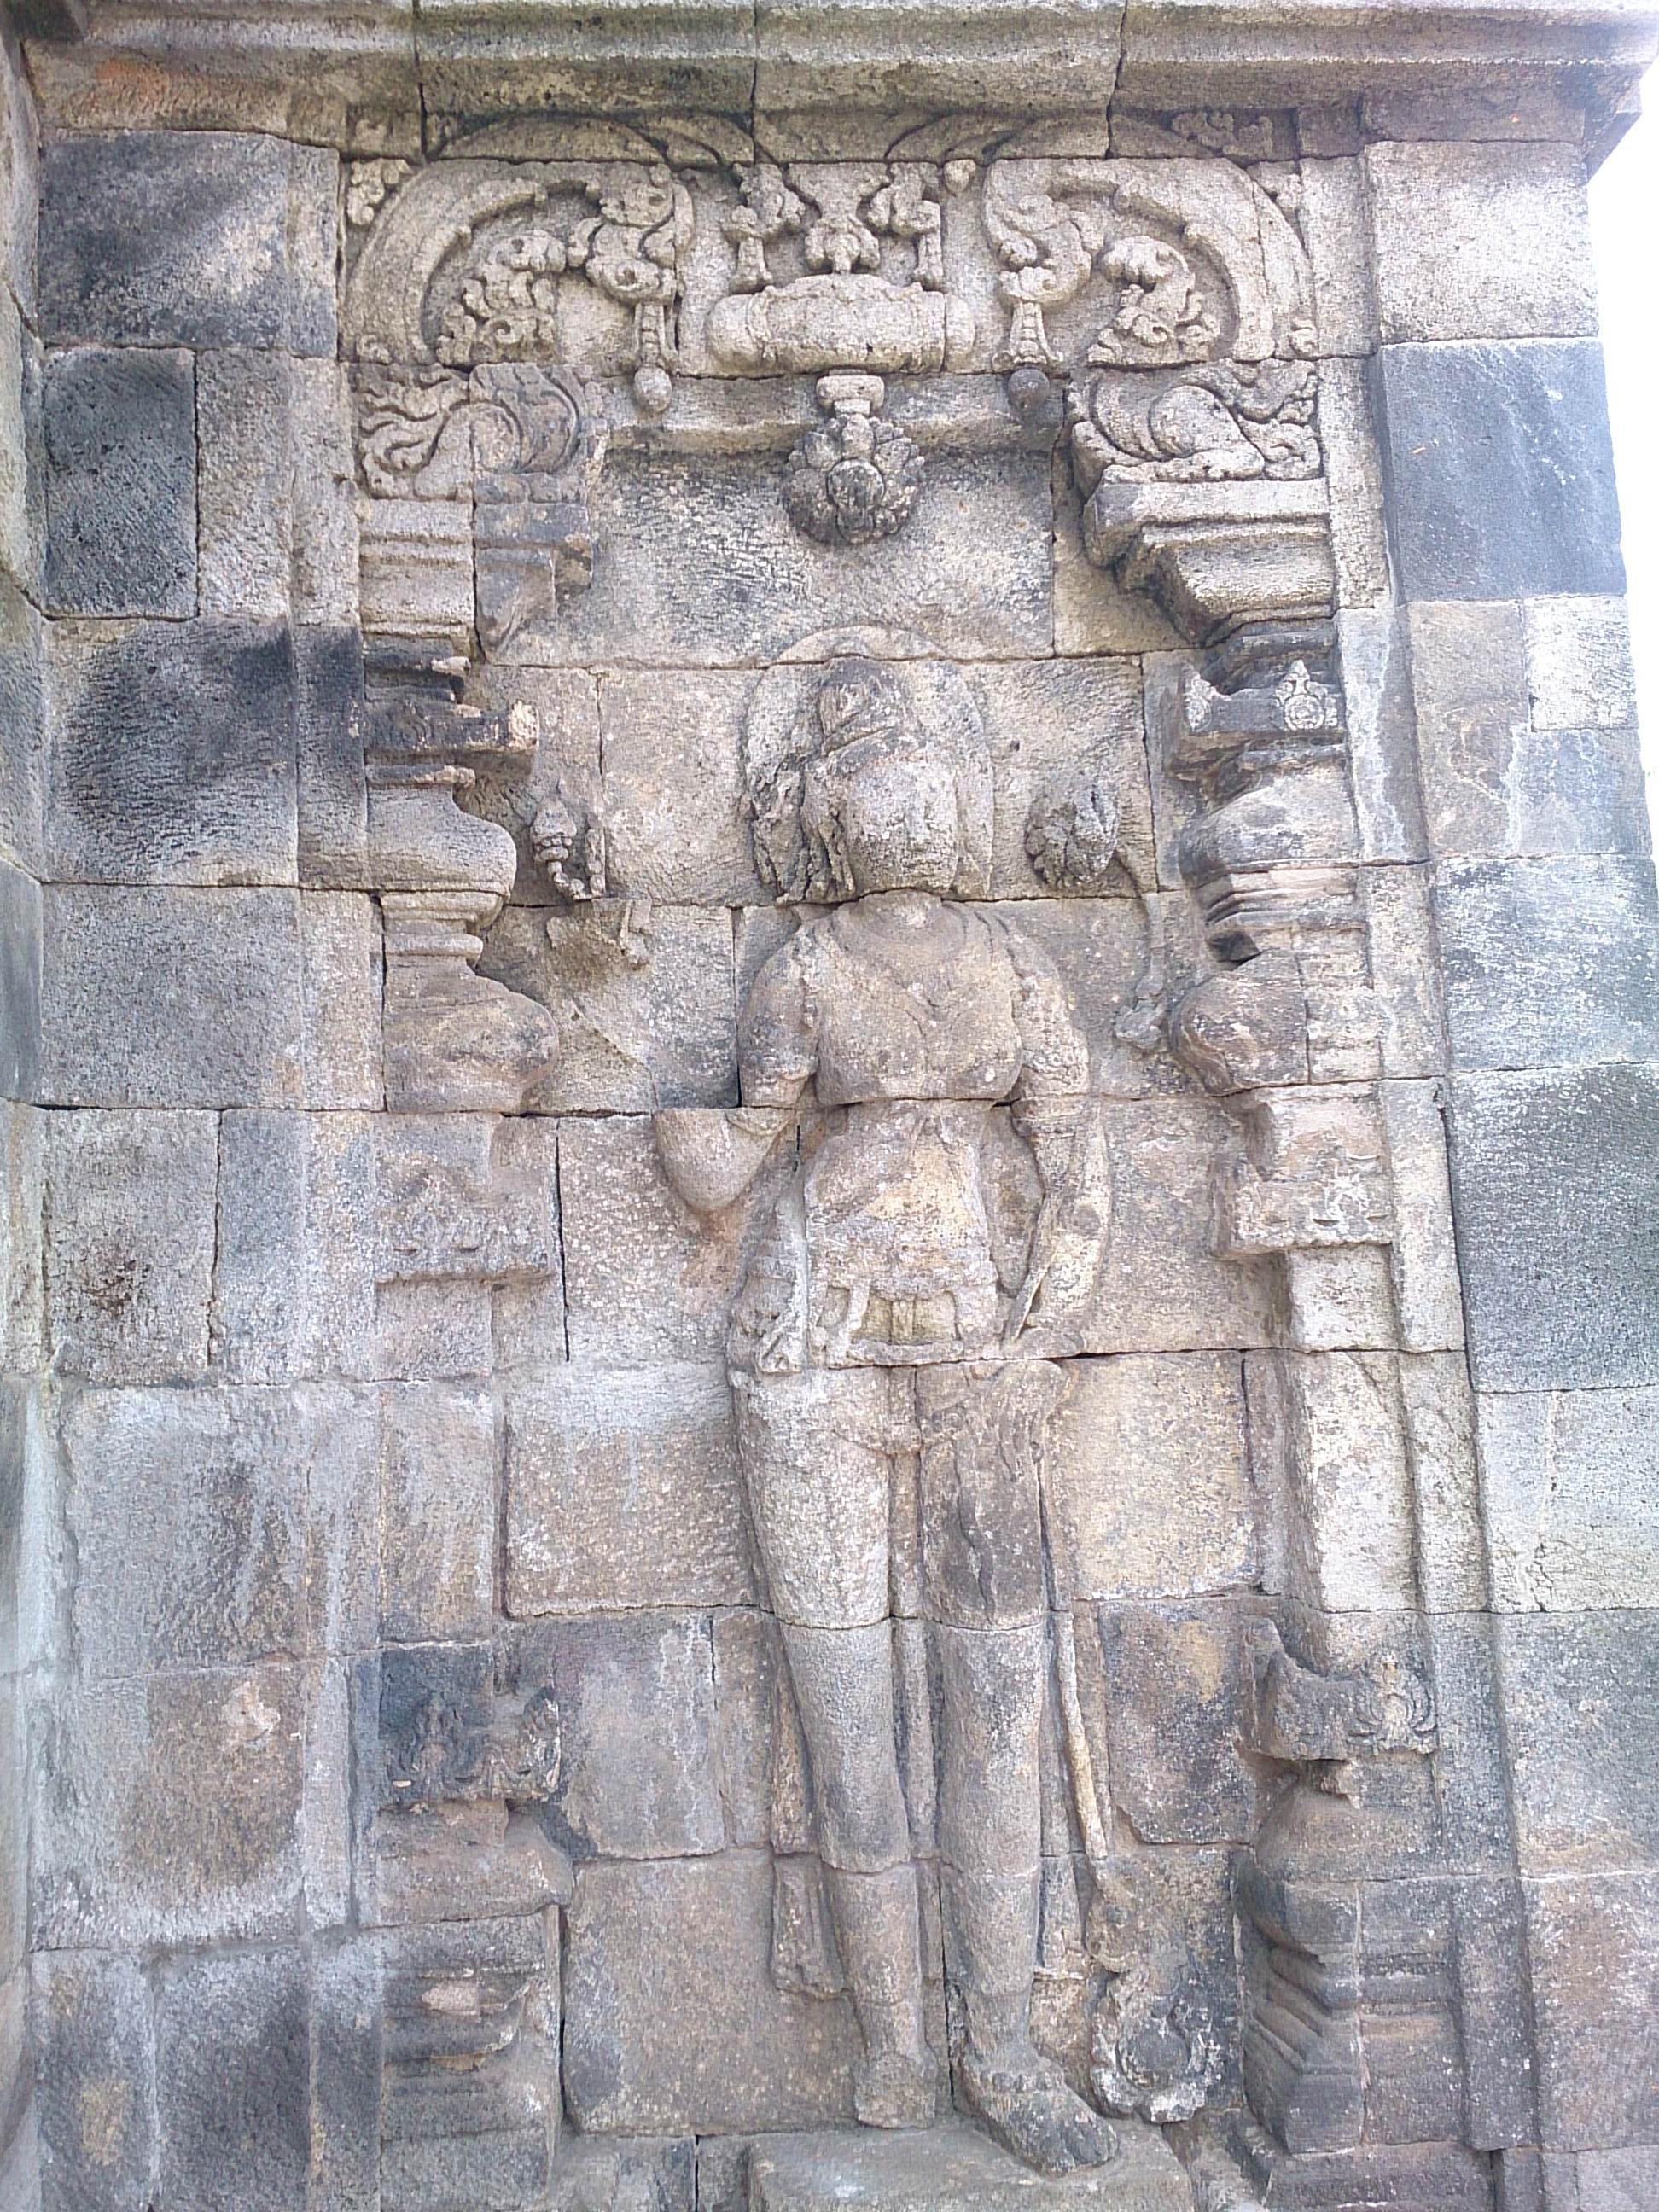 ボロブドゥールの先駆的作品・パオン寺院